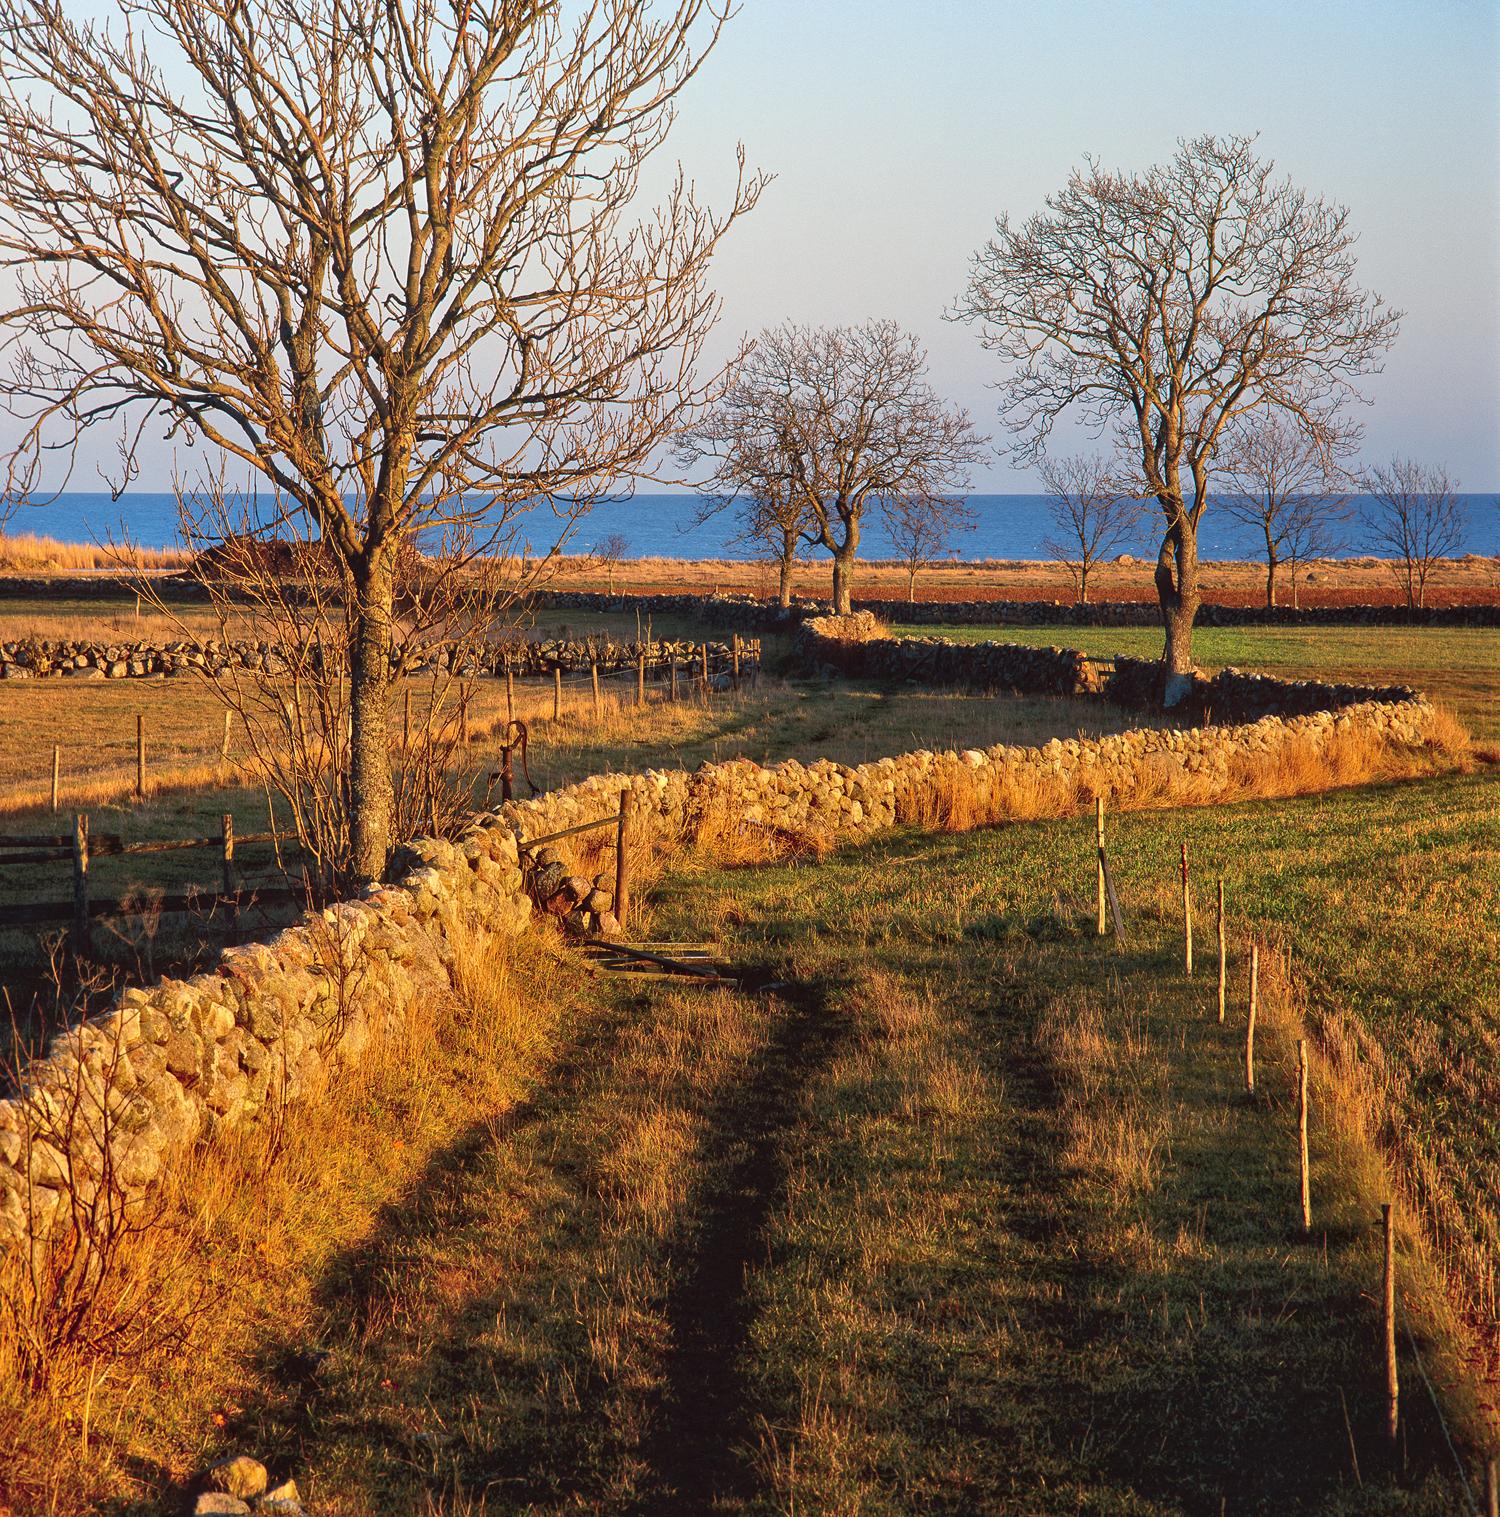 Ringlande-stenmur-mot-havet-Askar-Honungstorp-Öland-1995-11-On-1500px.jpg